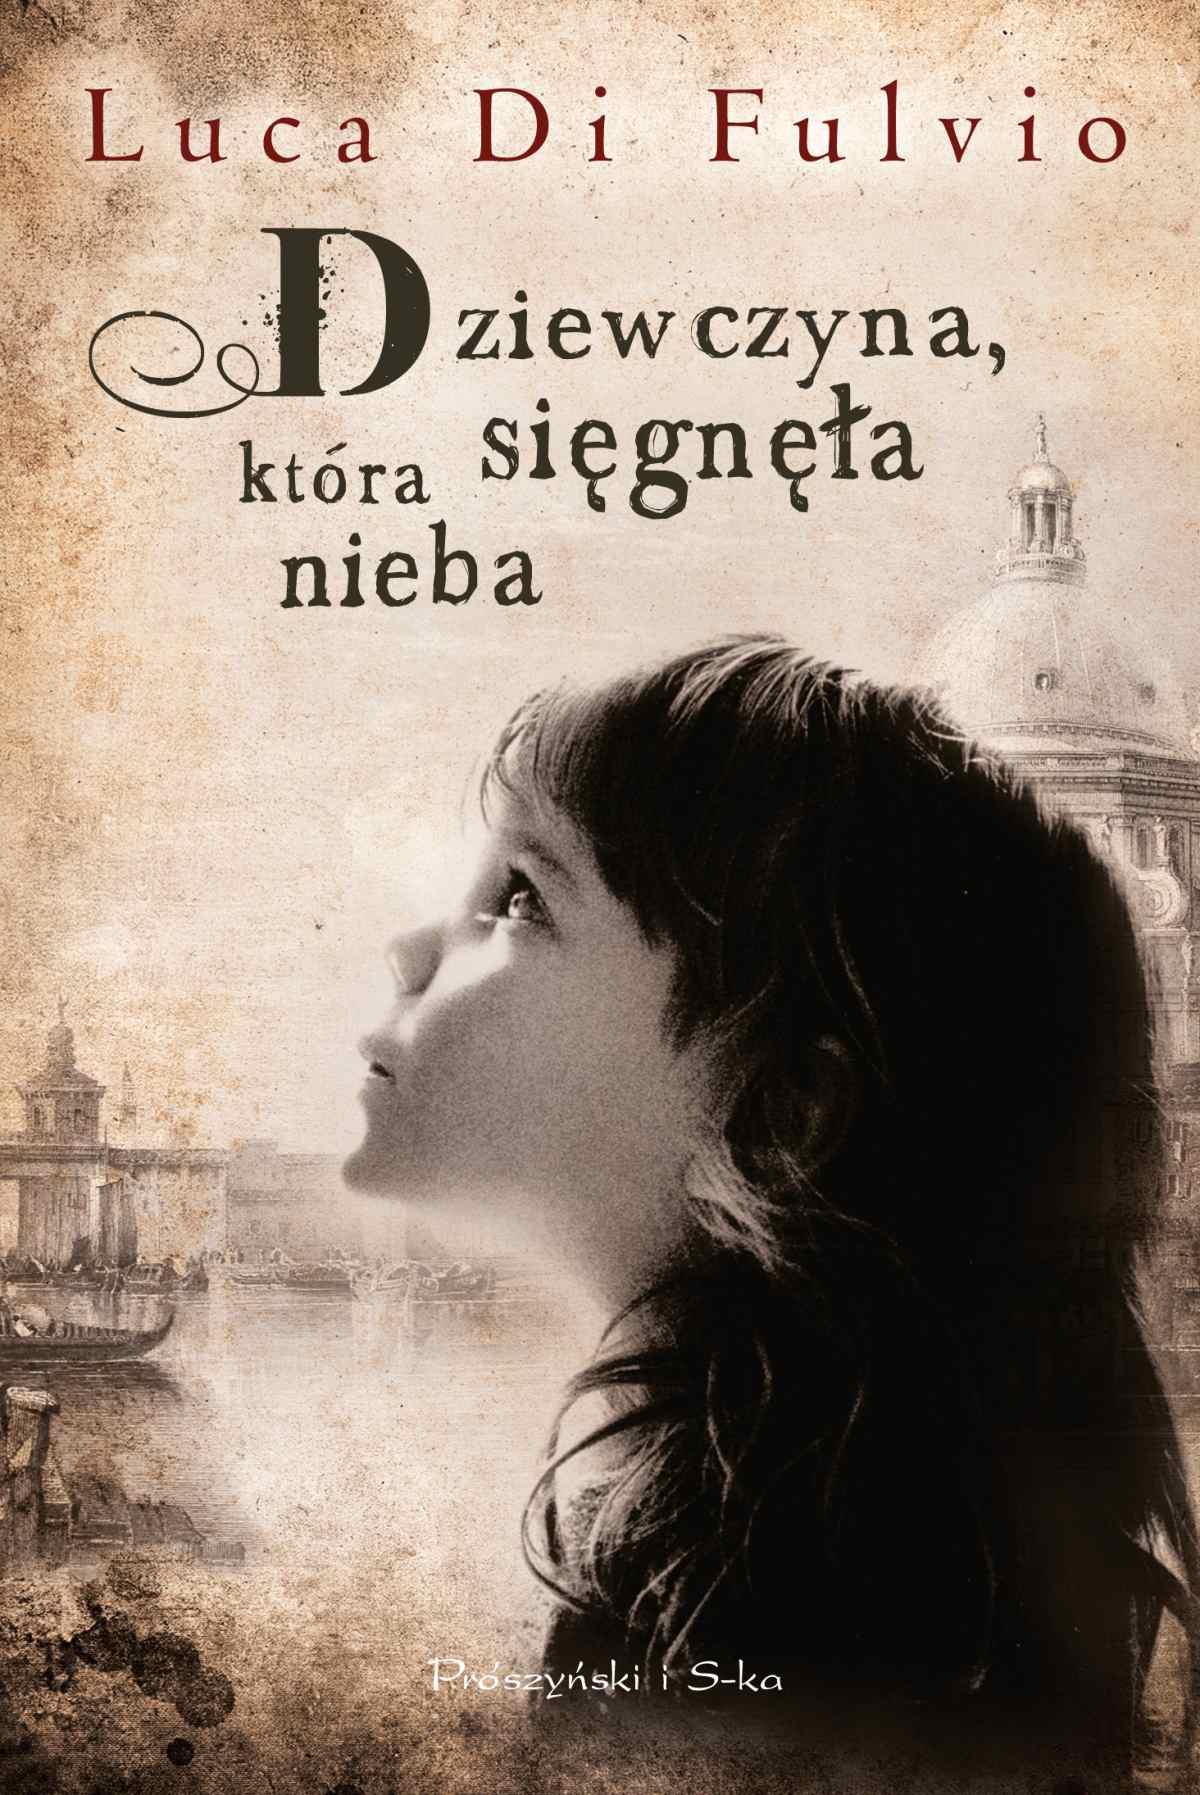 Dziewczyna,która sięgnęła nieba - Ebook (Książka EPUB) do pobrania w formacie EPUB